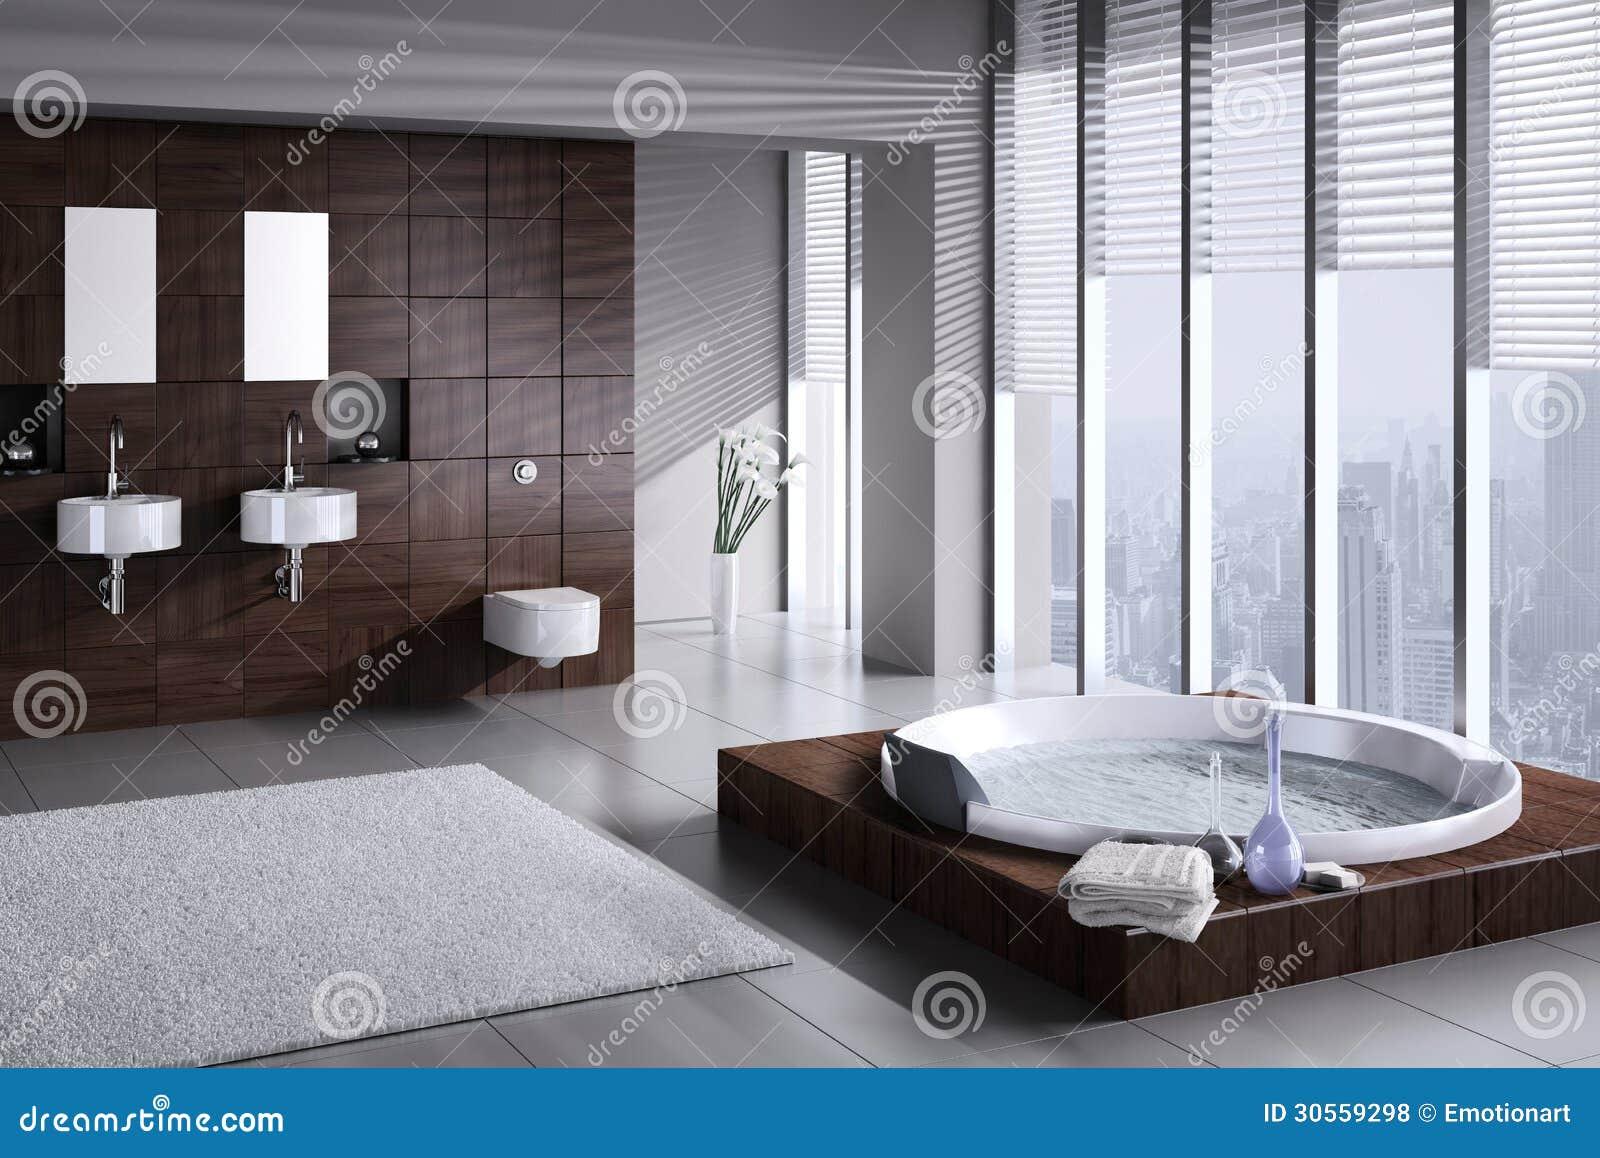 Baño De Lujo Moderno:Fotos de archivo libres de regalías: Cuarto de baño moderno con el